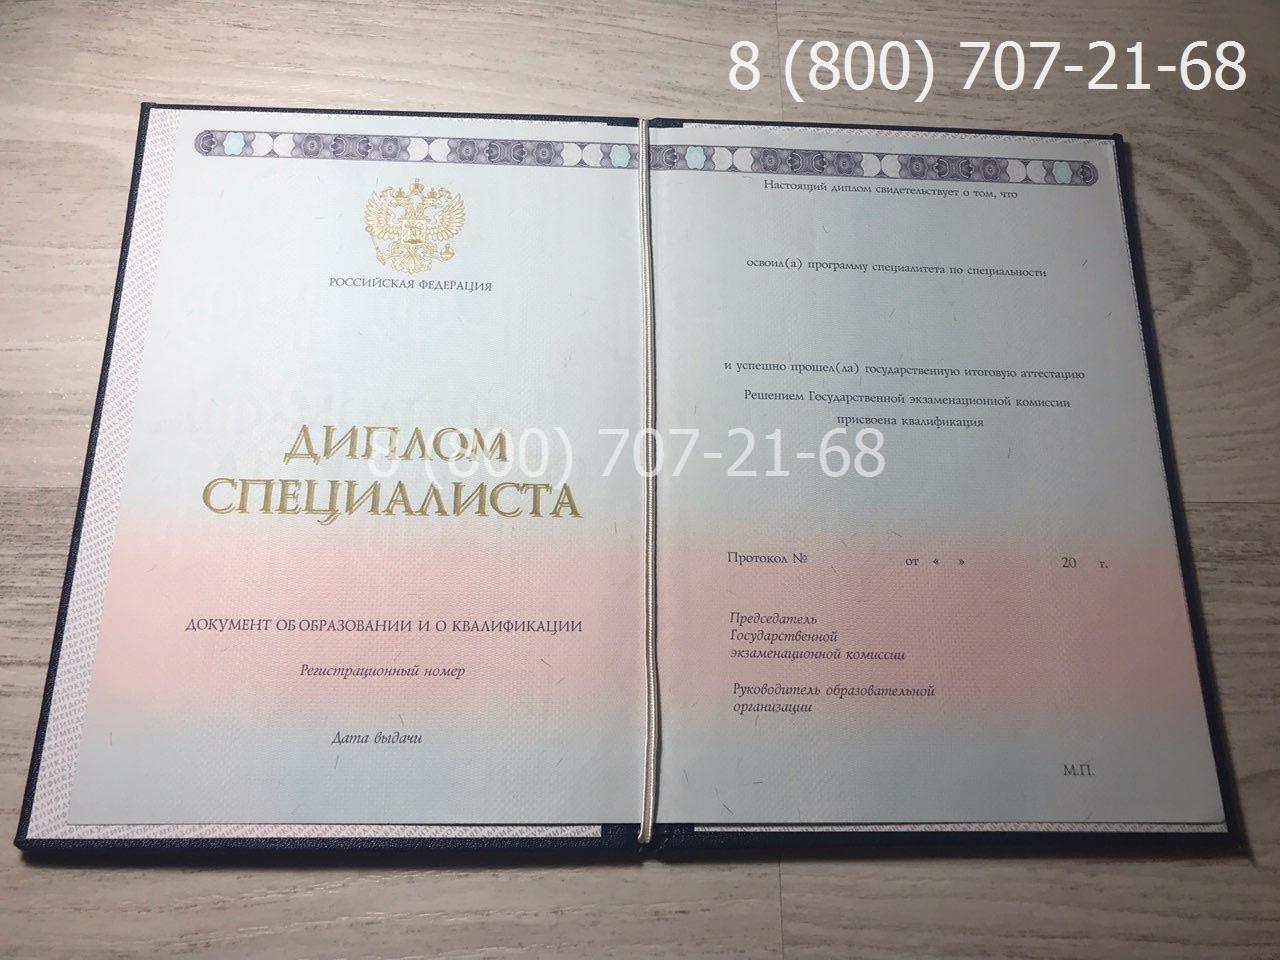 Диплом специалиста 2014-2019 года-1